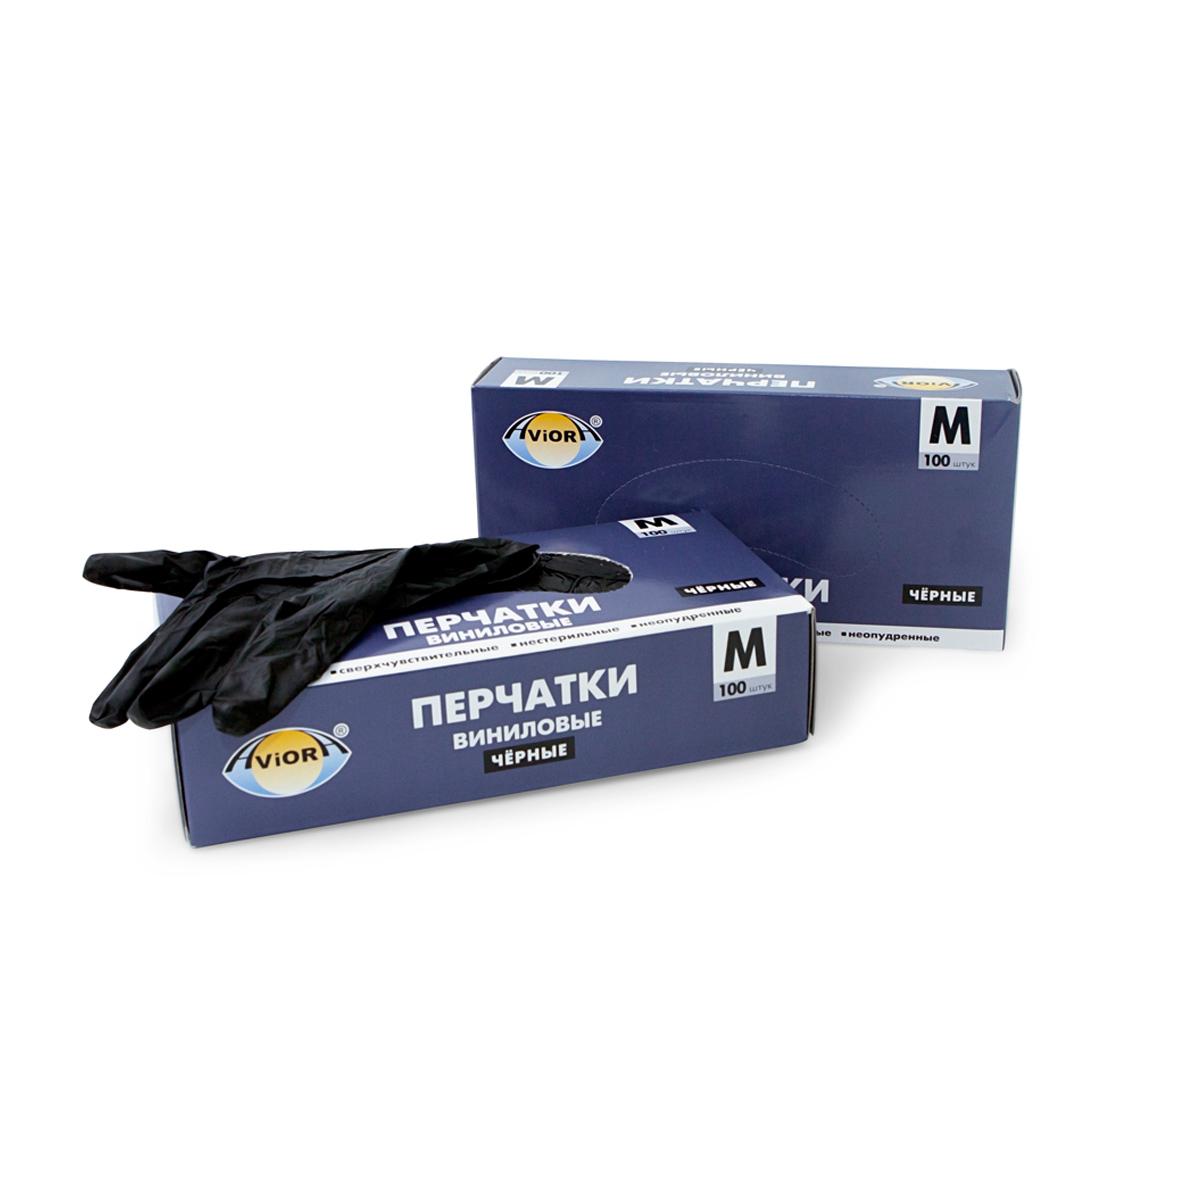 """Перчатки виниловые """"Aviora"""", неопудренные, цвет: черный, размер 8 (M), 100 шт"""